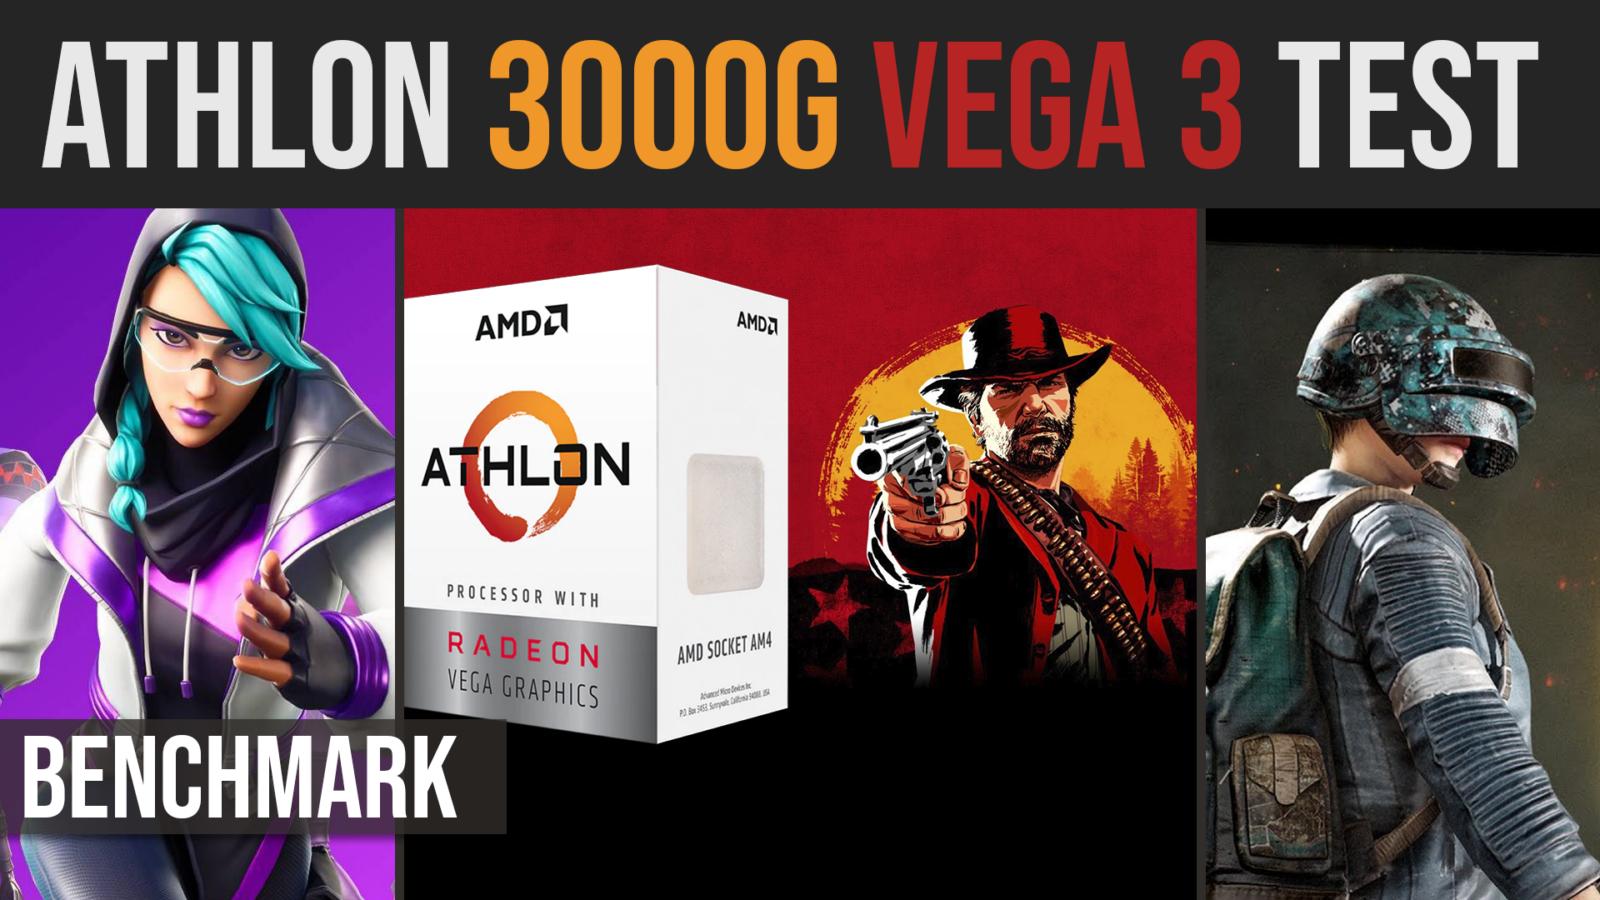 athlon_3000g_vega_3_test [1600×1200]